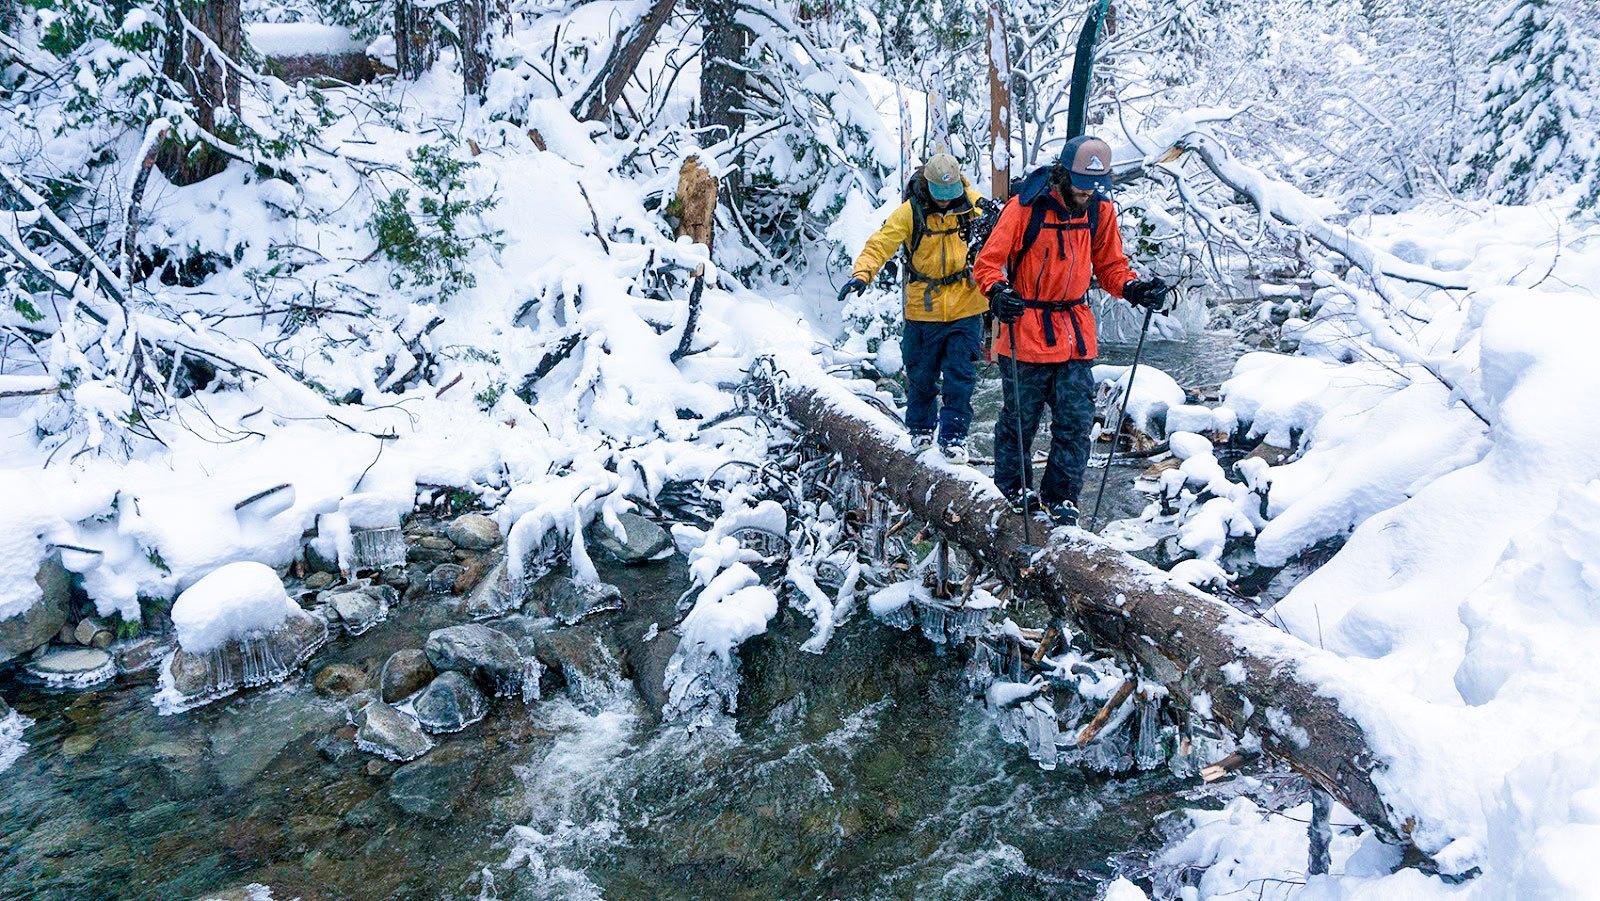 two men walking across snowy log